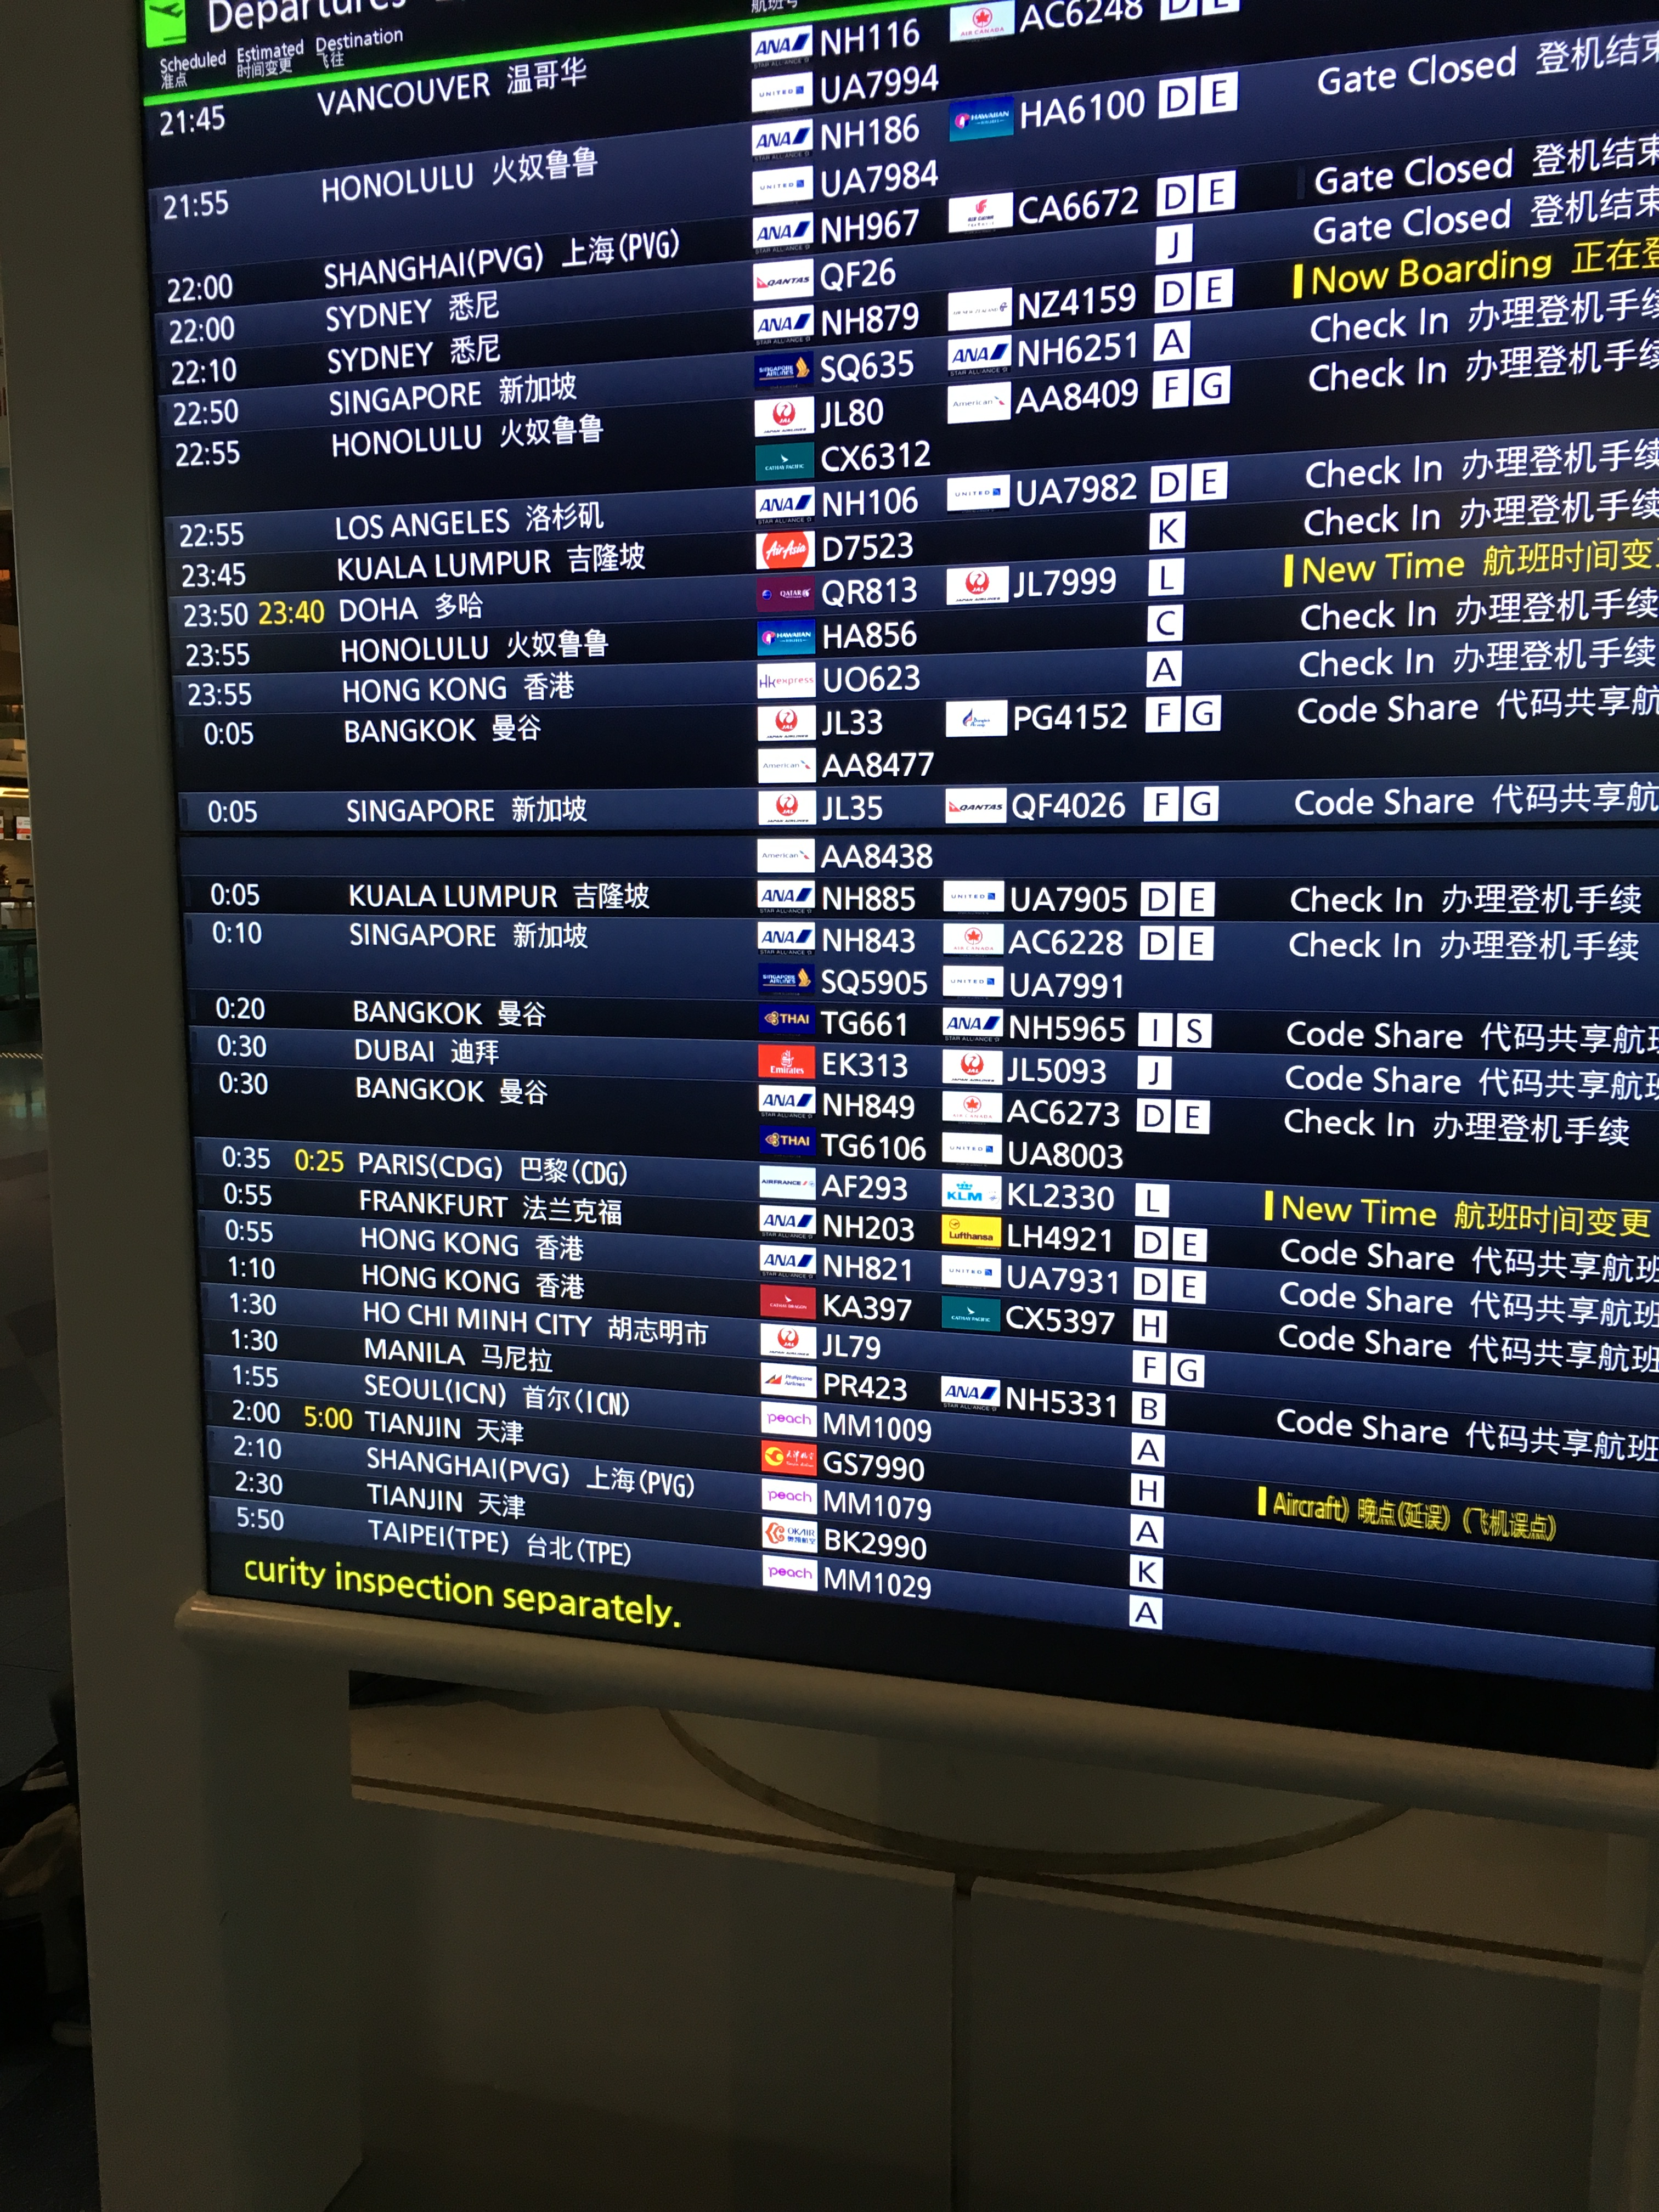 ブリティッシュ・エアウェイズ(BA) / イベリア航空(IB)の特典航空券はどのくらい必要?距離別必要Avios数まとめ(提携航空会社フライト)